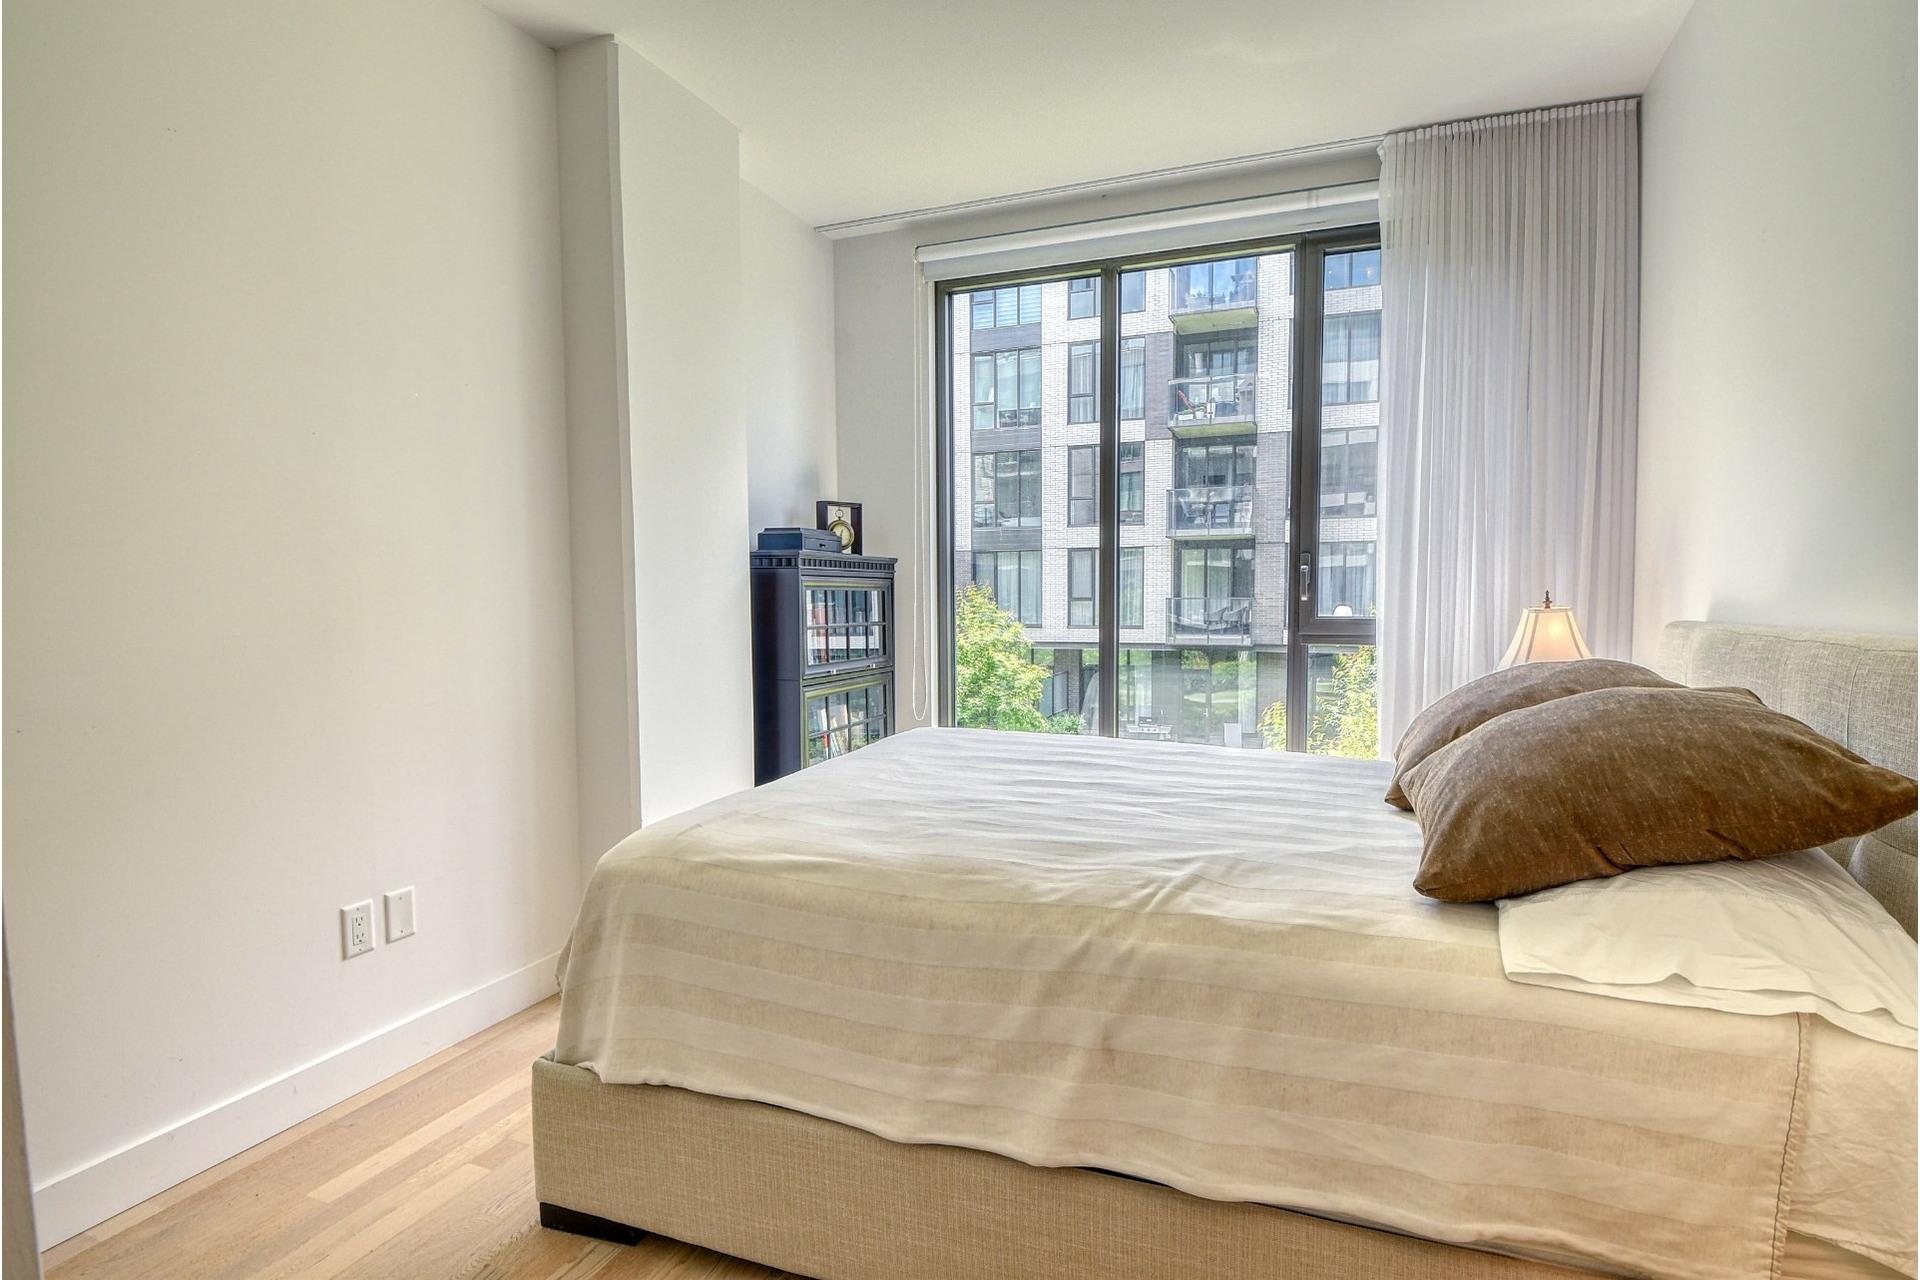 image 11 - Appartement À vendre Villeray/Saint-Michel/Parc-Extension Montréal  - 5 pièces